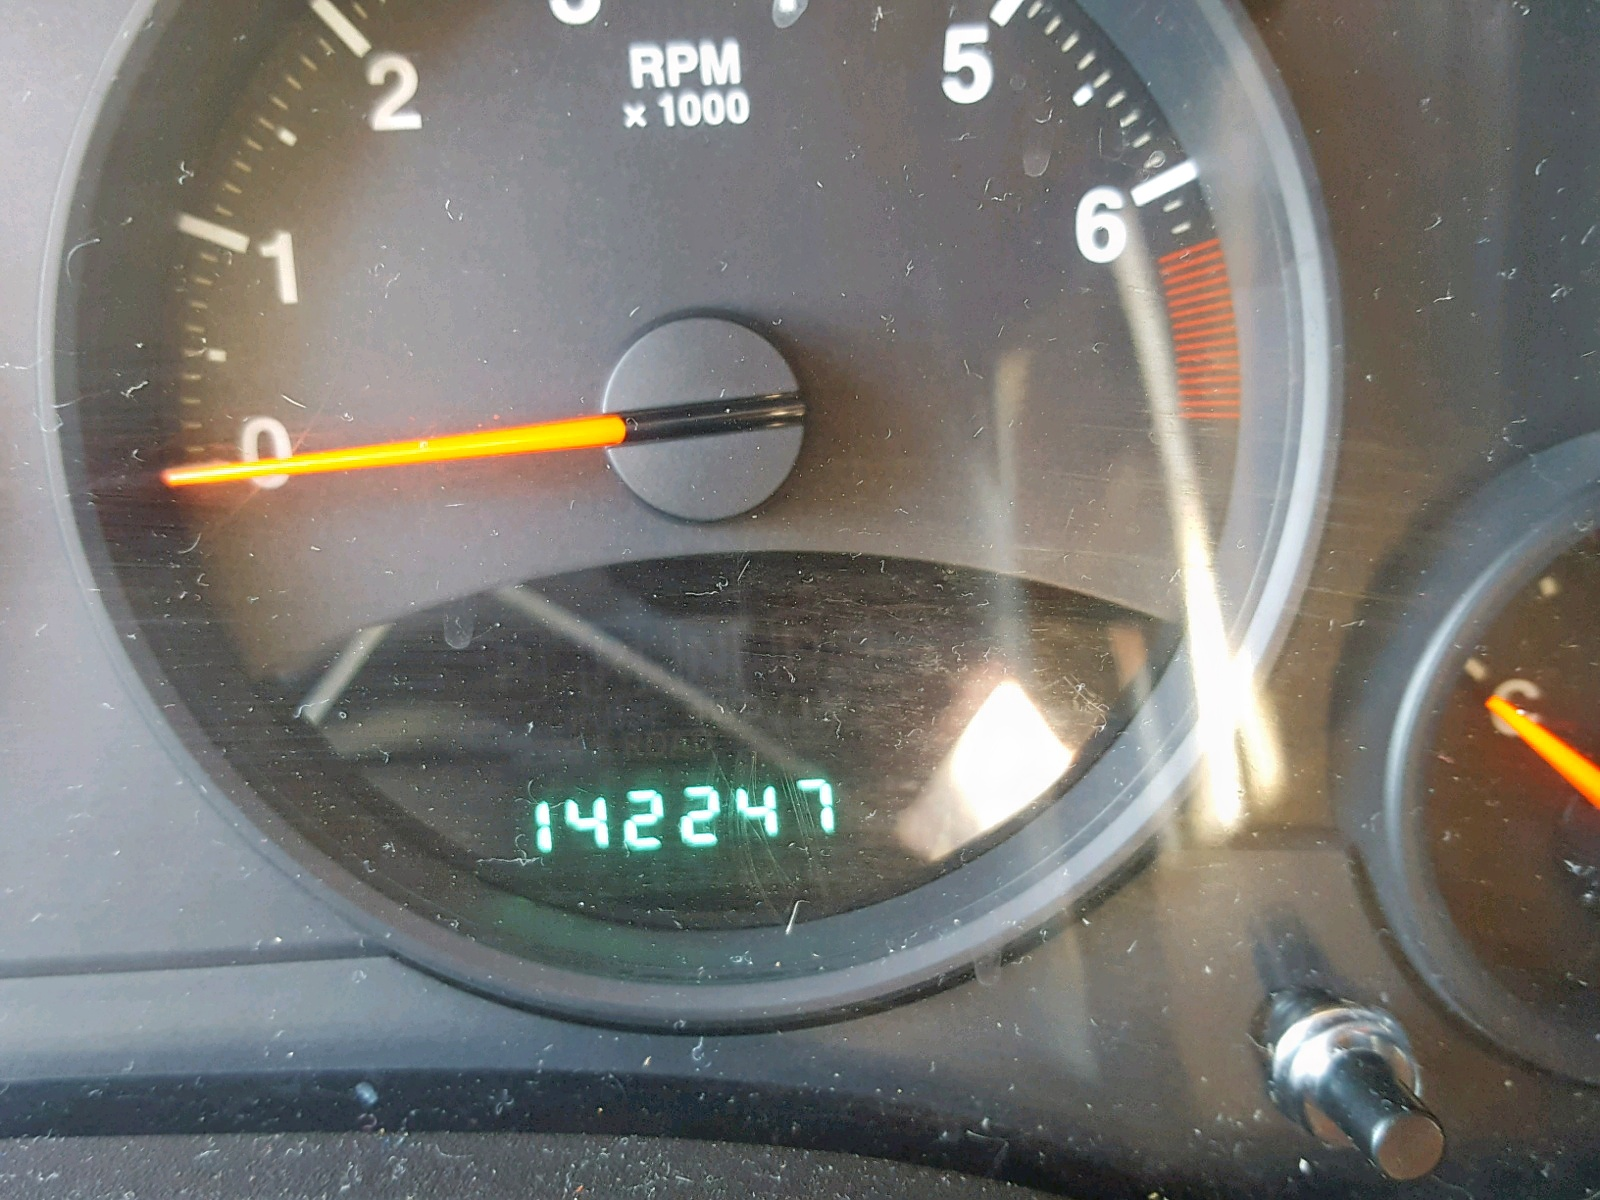 1C4NJPBA5DD272382 - 2013 Jeep Patriot Sp 2.0L front view